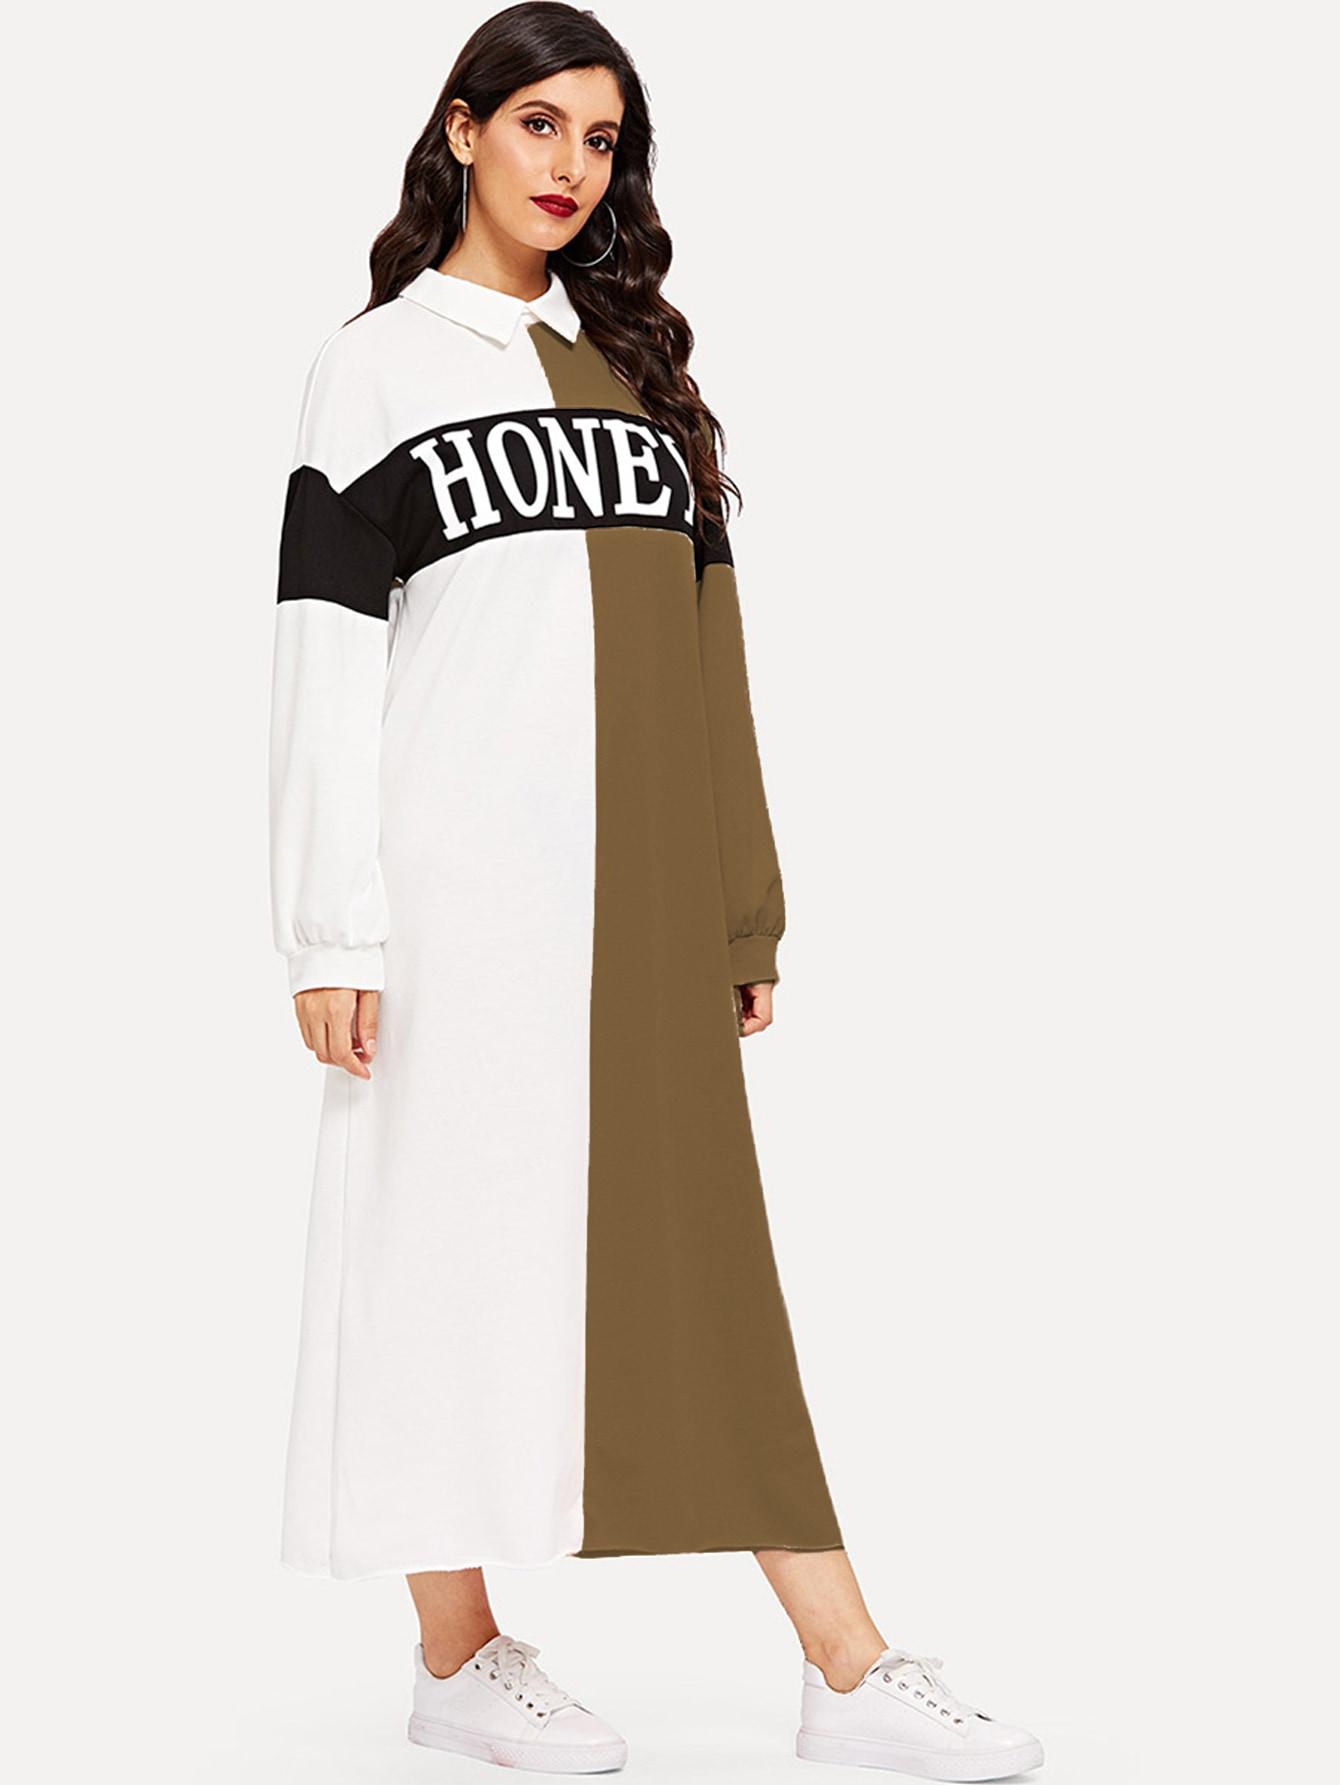 Купить Контрастное длинное платье с вырезом сзади и текстовым принтом, Jeane, SheIn